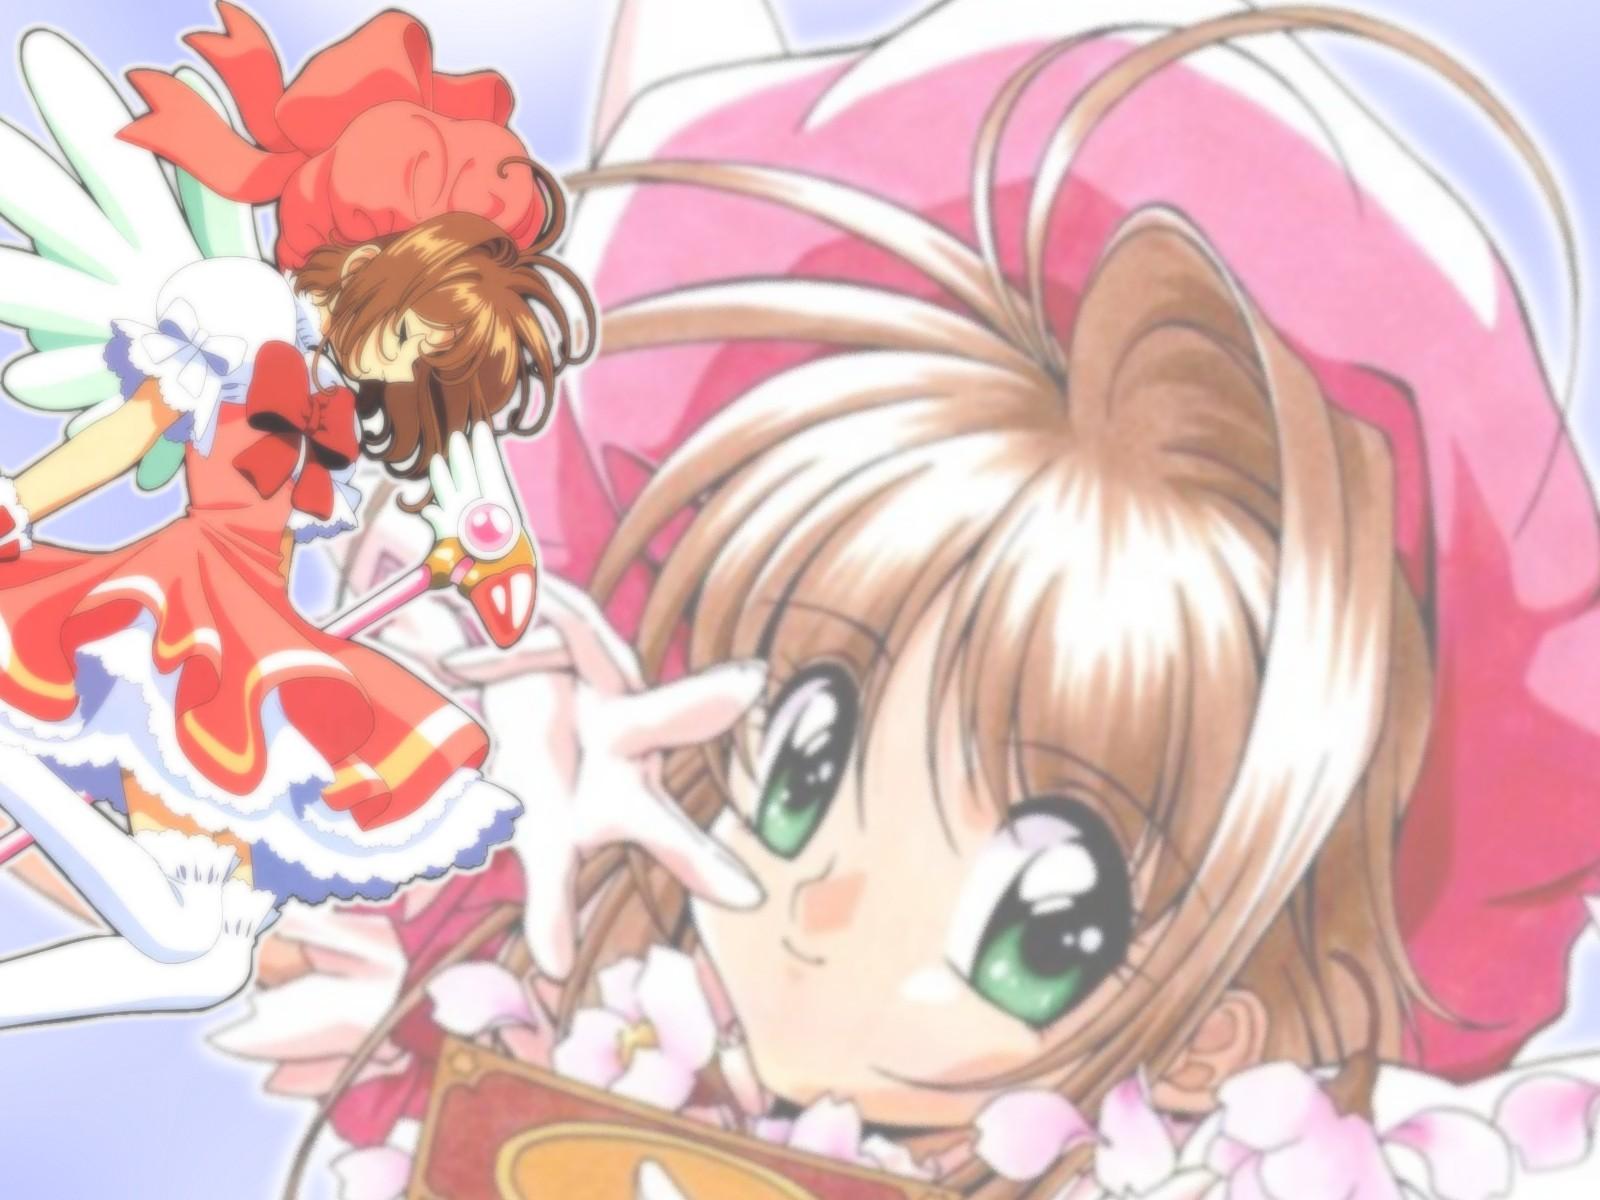 http://4.bp.blogspot.com/_hxjnVaWq3Jk/THiLicucd8I/AAAAAAAAAMM/HqRKE6omlAY/s1600/804351card-captor-sakura-wallpaper-10.jpg